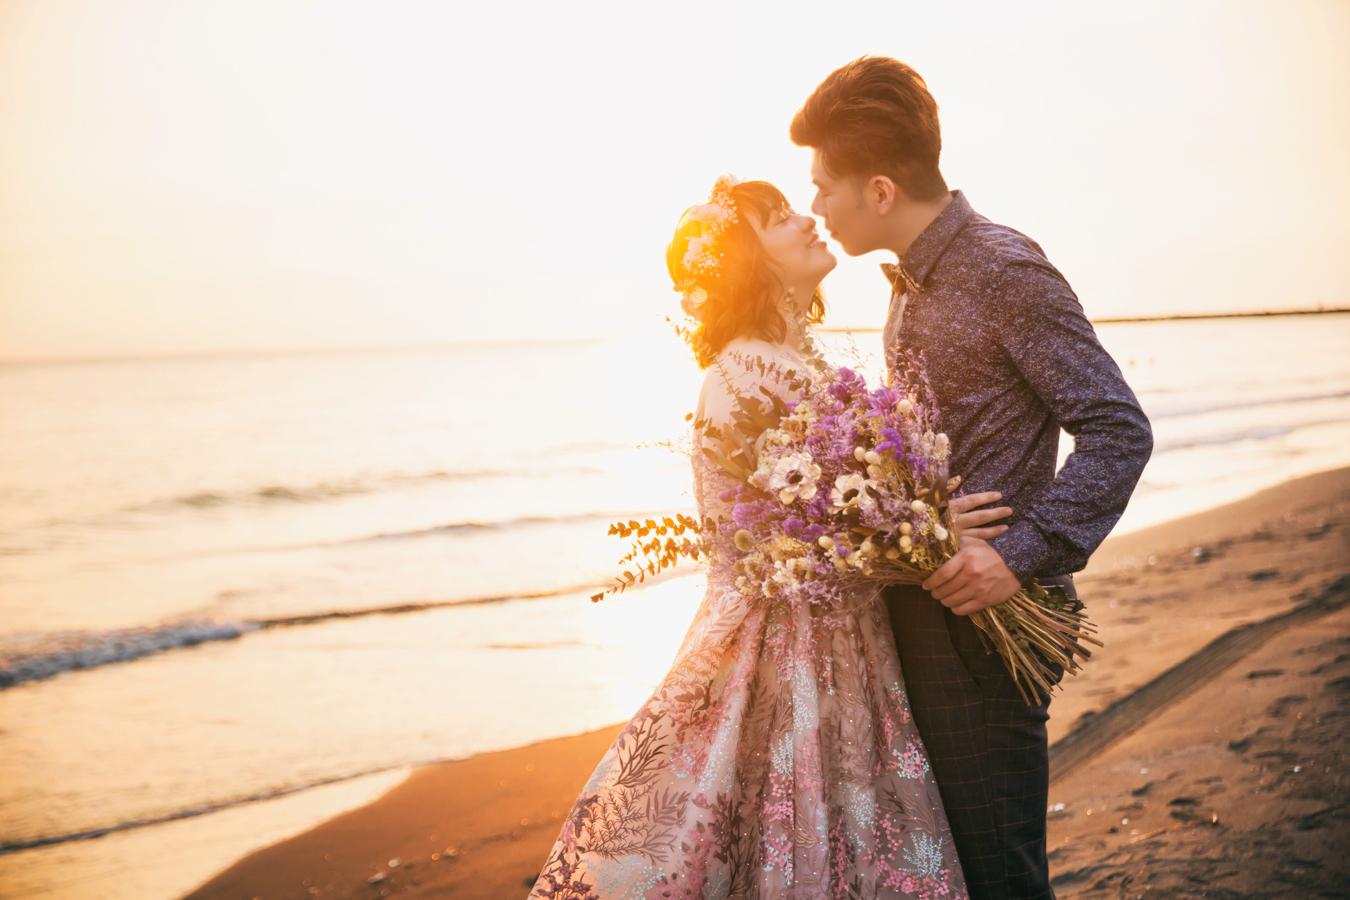 自助婚紗 | 翊睿+郁柔  PREWEDDING 愛情街角 白鷺灣  |國內婚紗|台南婚紗